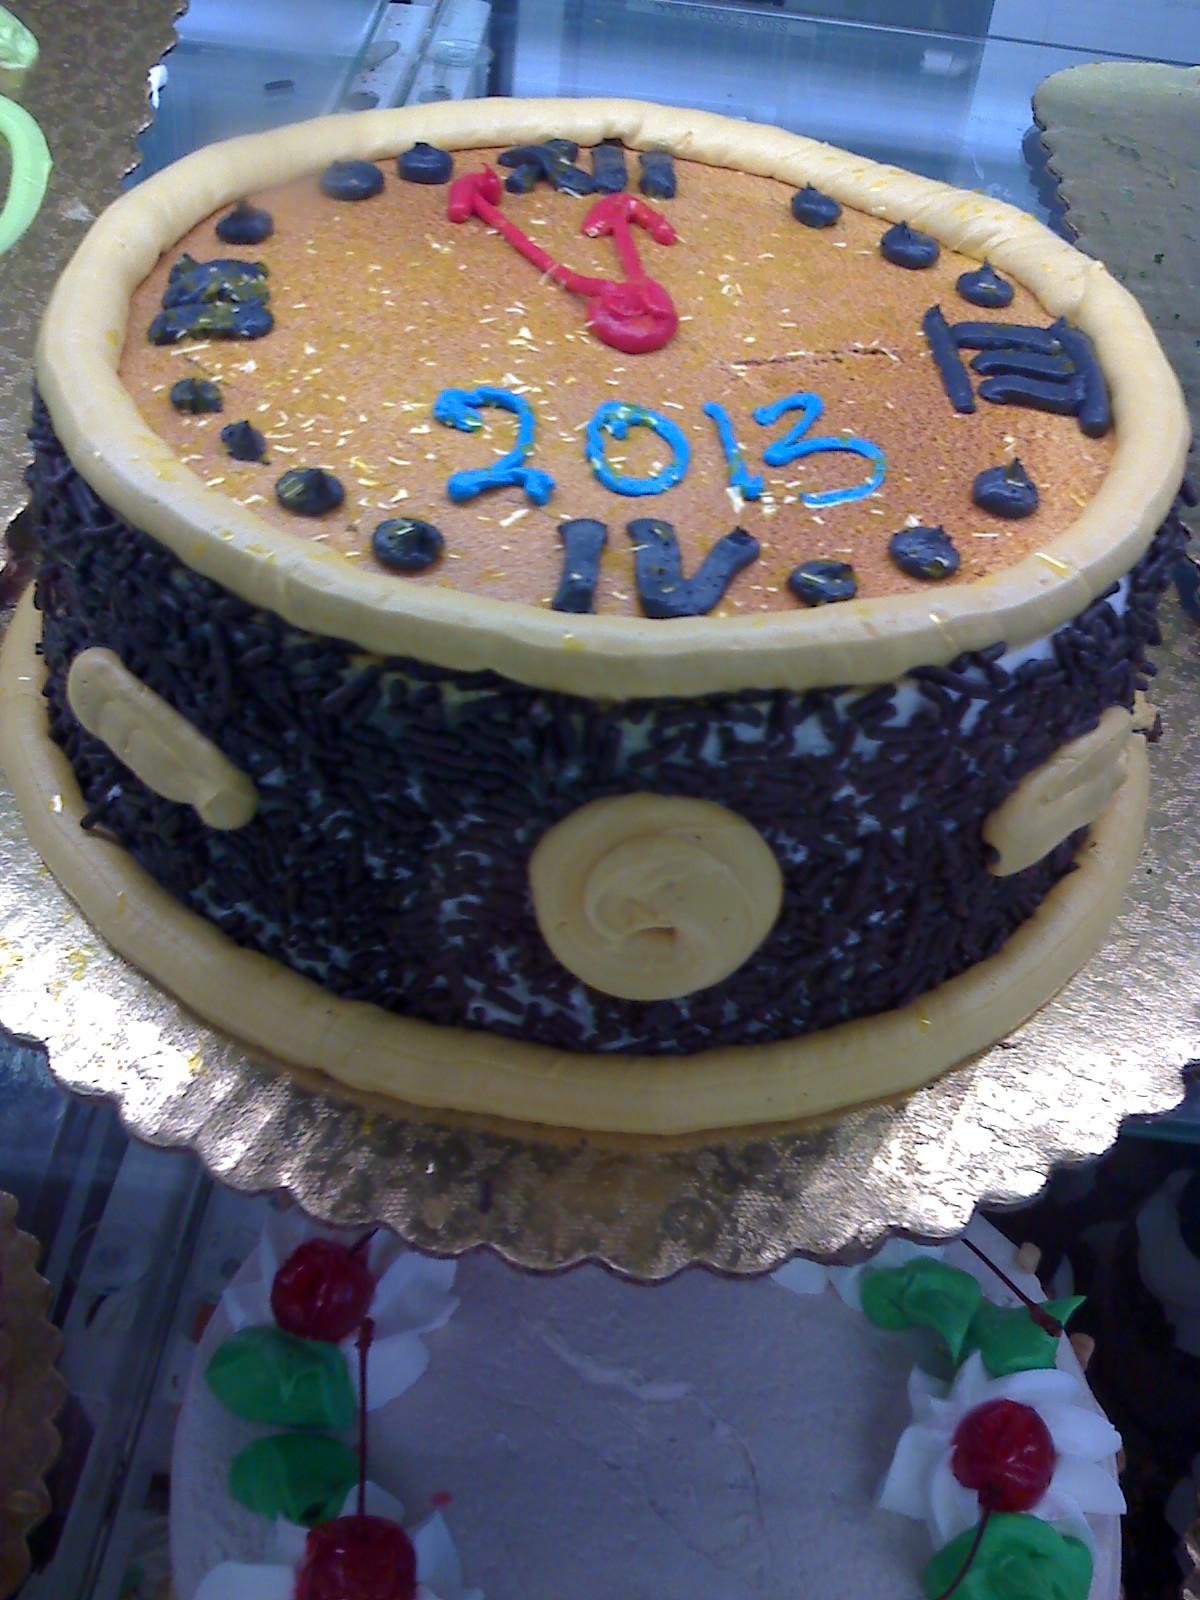 カウントダウンの毒々しいケーキ_d0240098_11143436.jpg